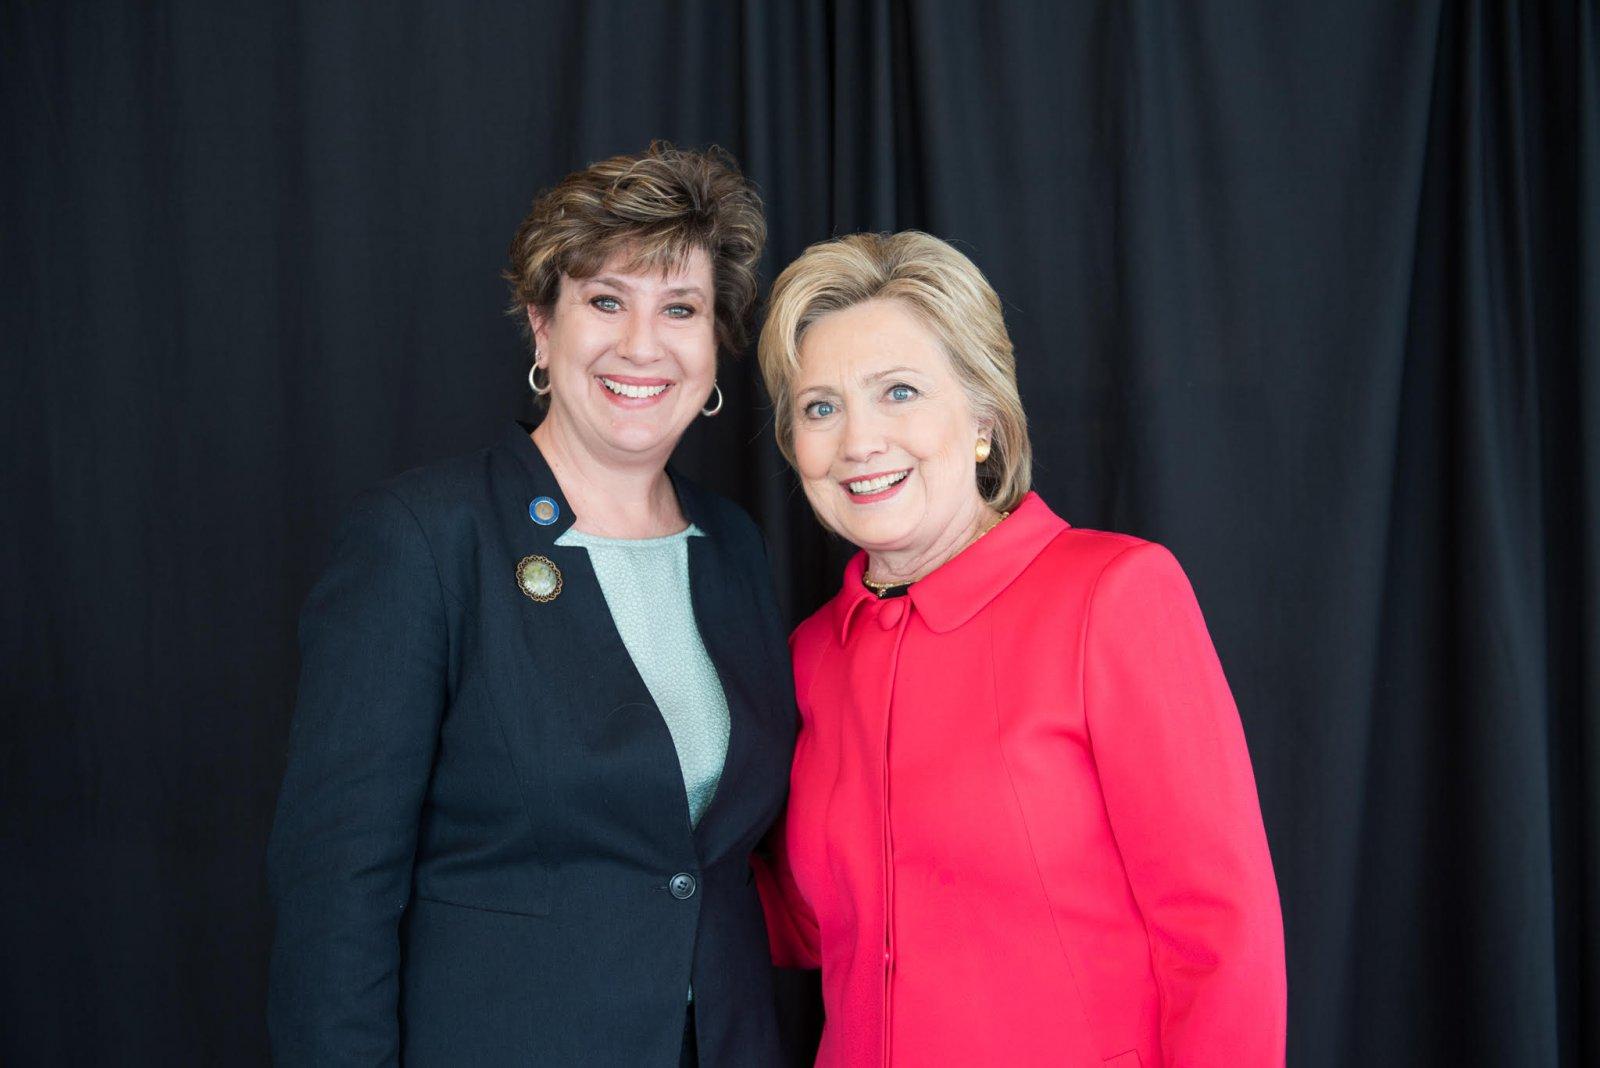 Jennifer Shilling and Hillary Clinton